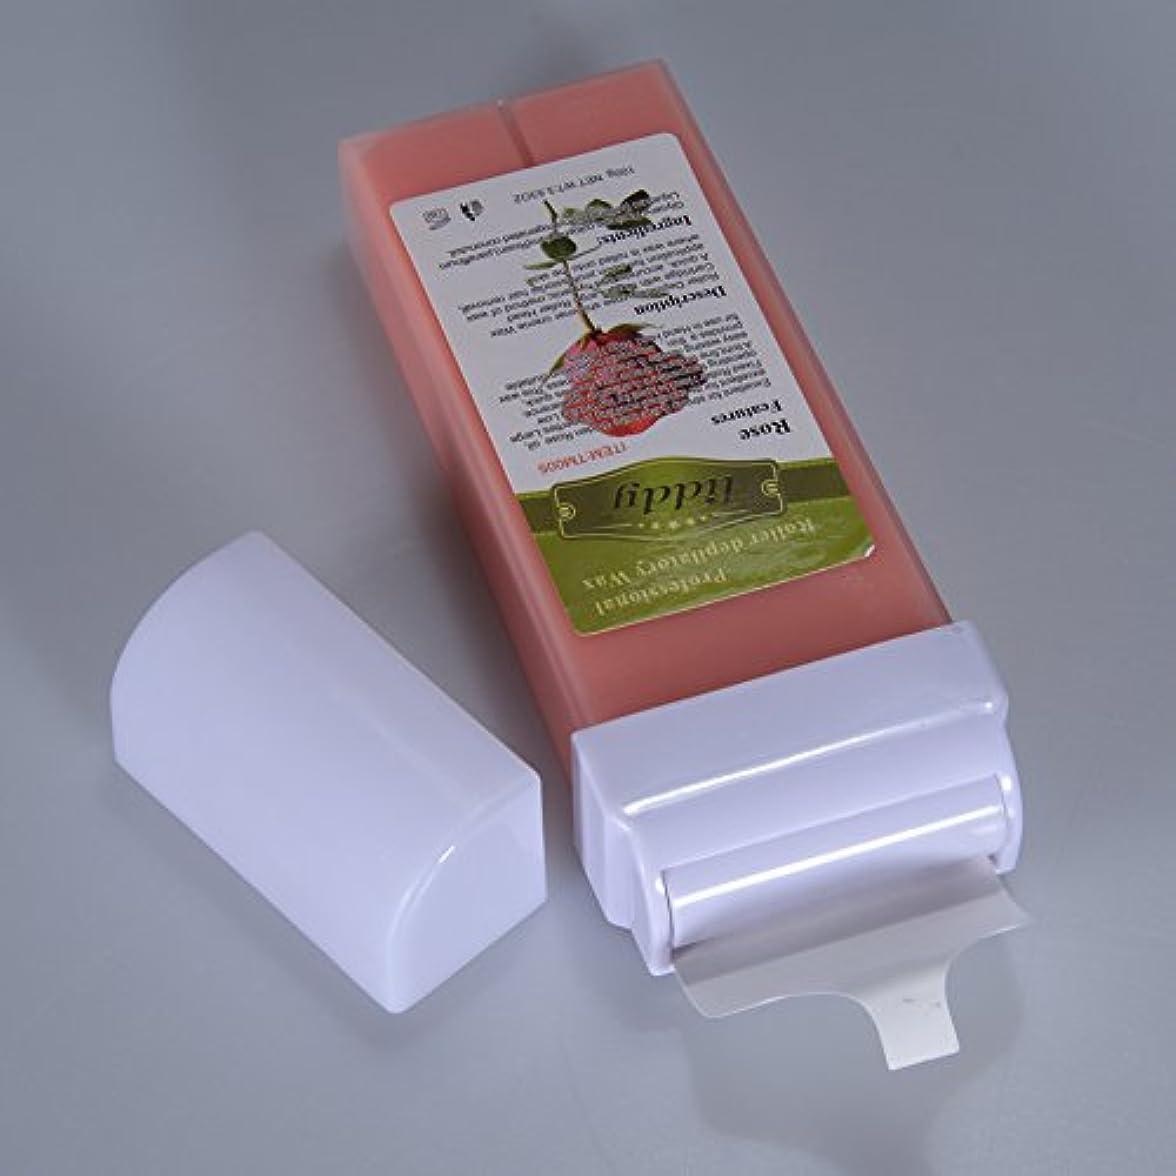 許容ミシン目ペイントRabugoo 脱毛プロフェッショナル使用水溶性脱毛砂糖ワックスカートリッジワックスグッドスメル - 100g / 3.53oz 100g rose